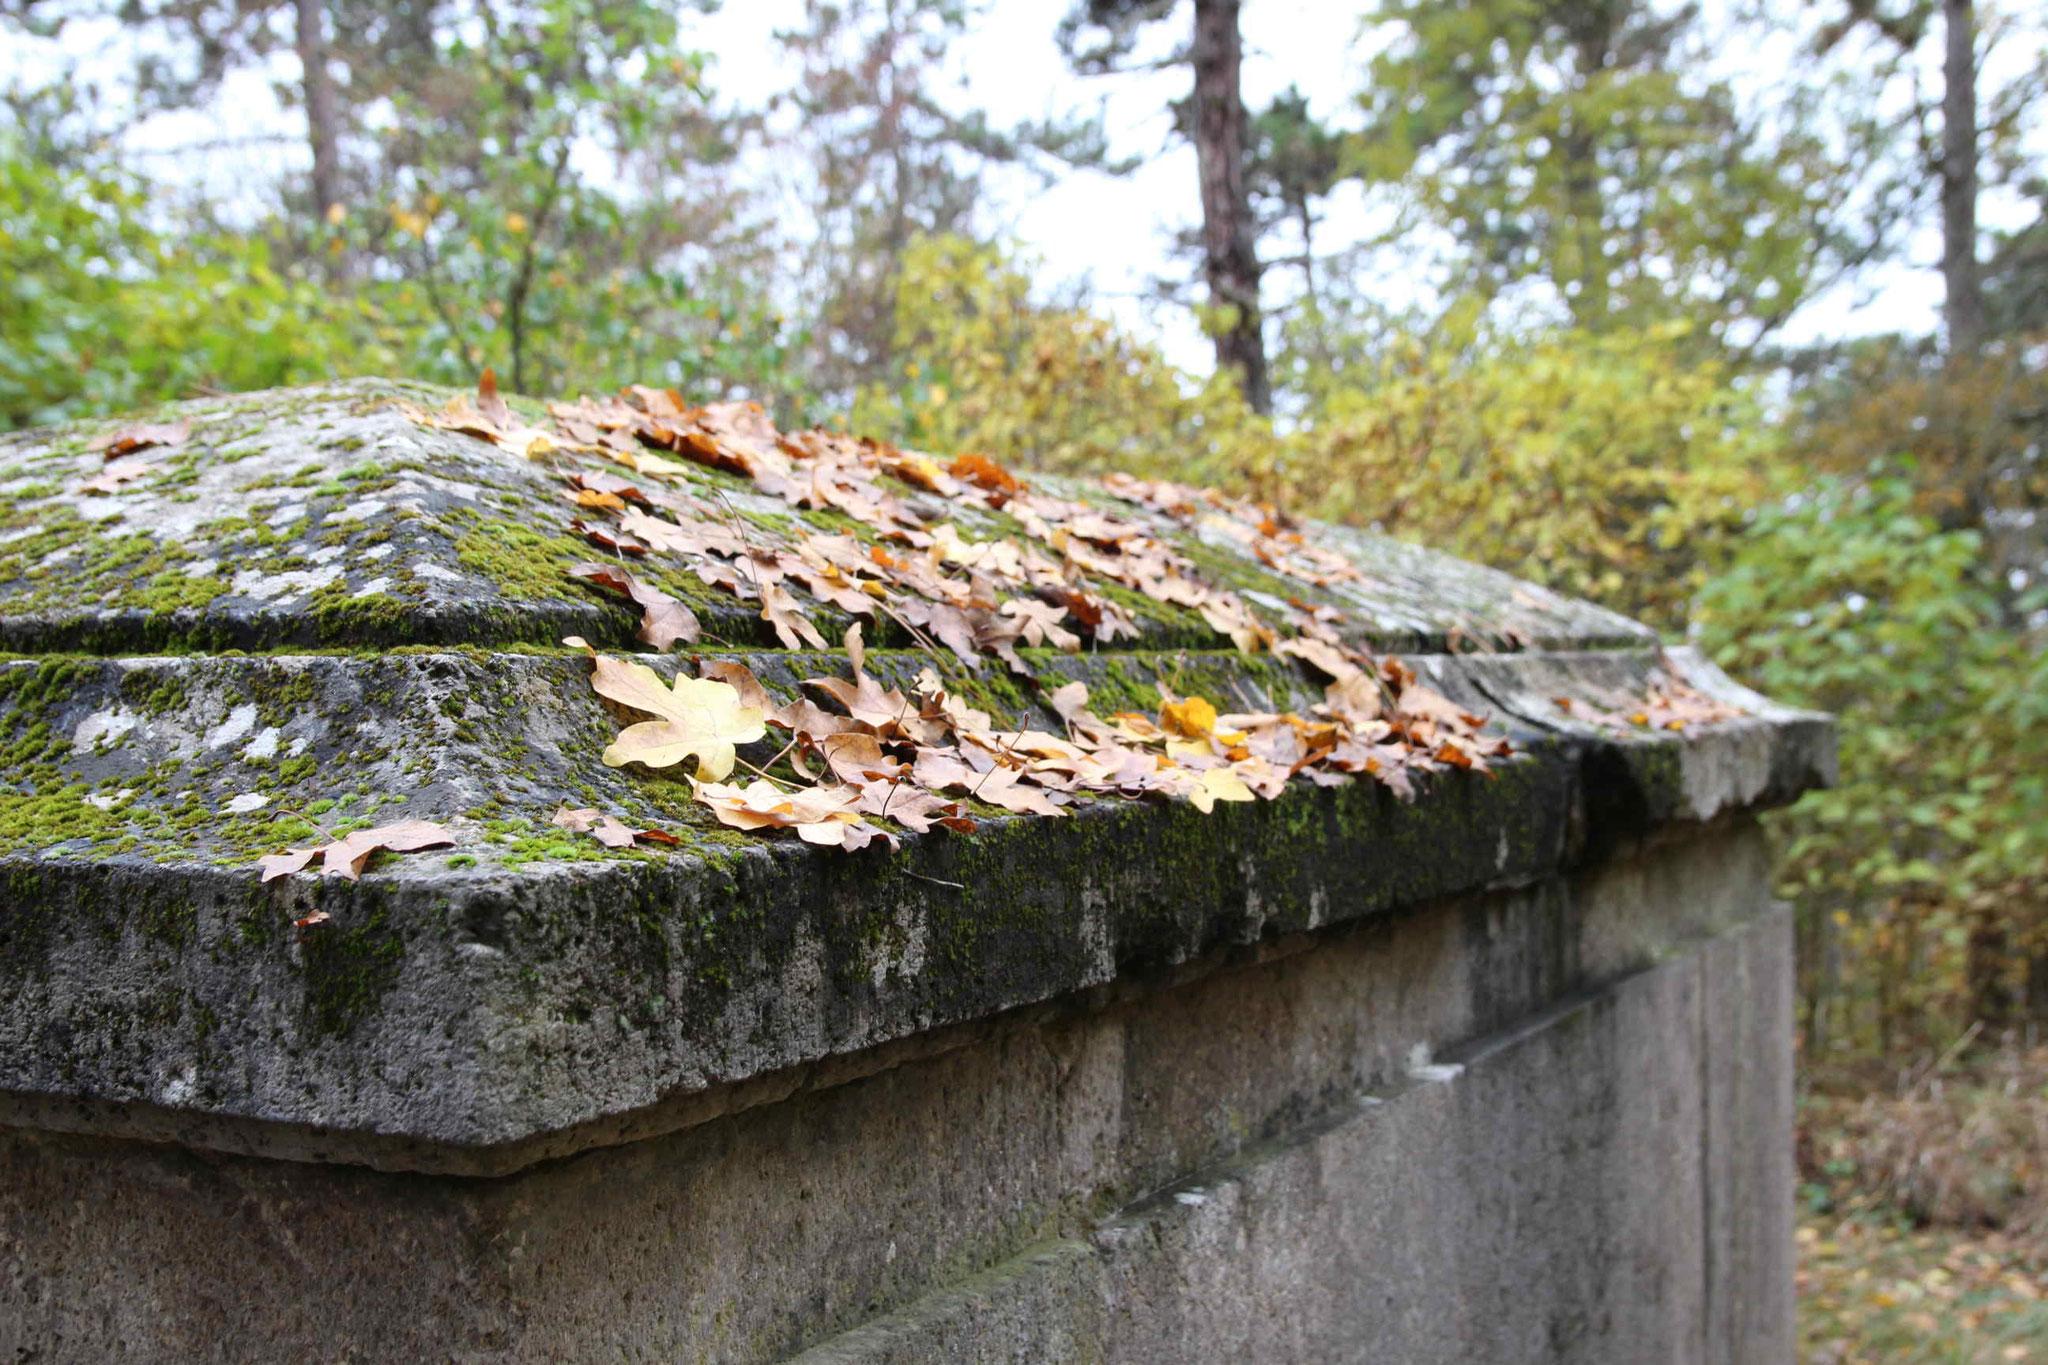 Kurzer Abstecher zum Grabmal von Georg Graf von Werthern-Beichlingen